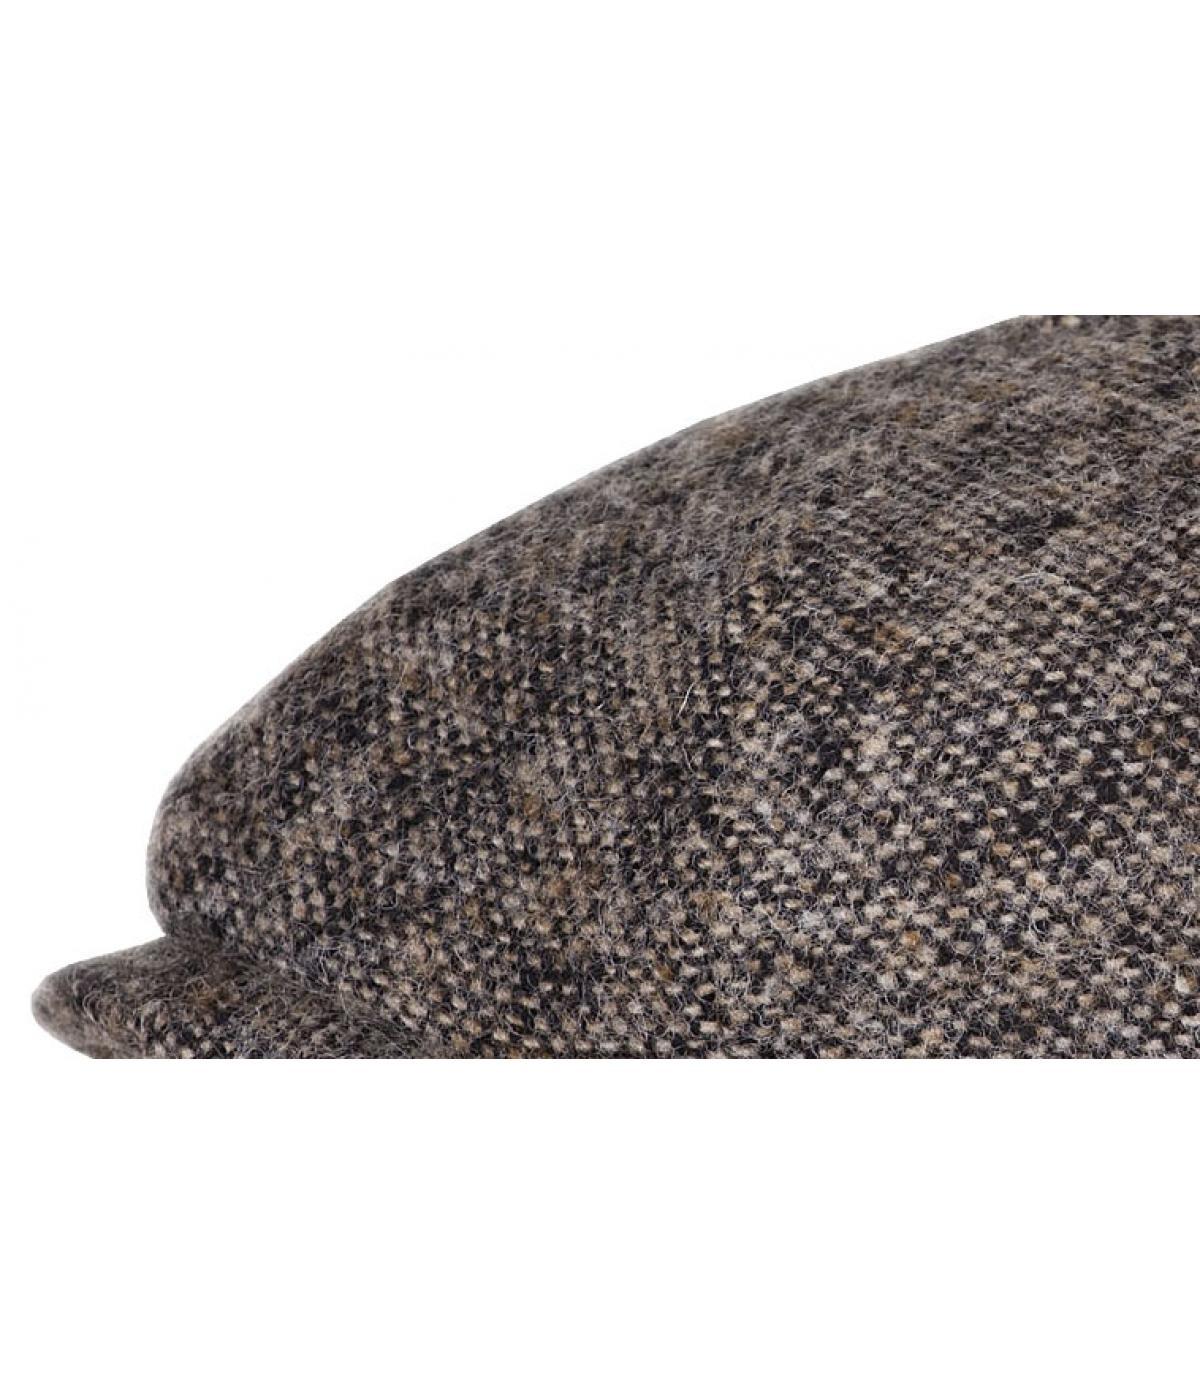 Details Braune Hatteras Donegal aus Wolle  - Abbildung 2